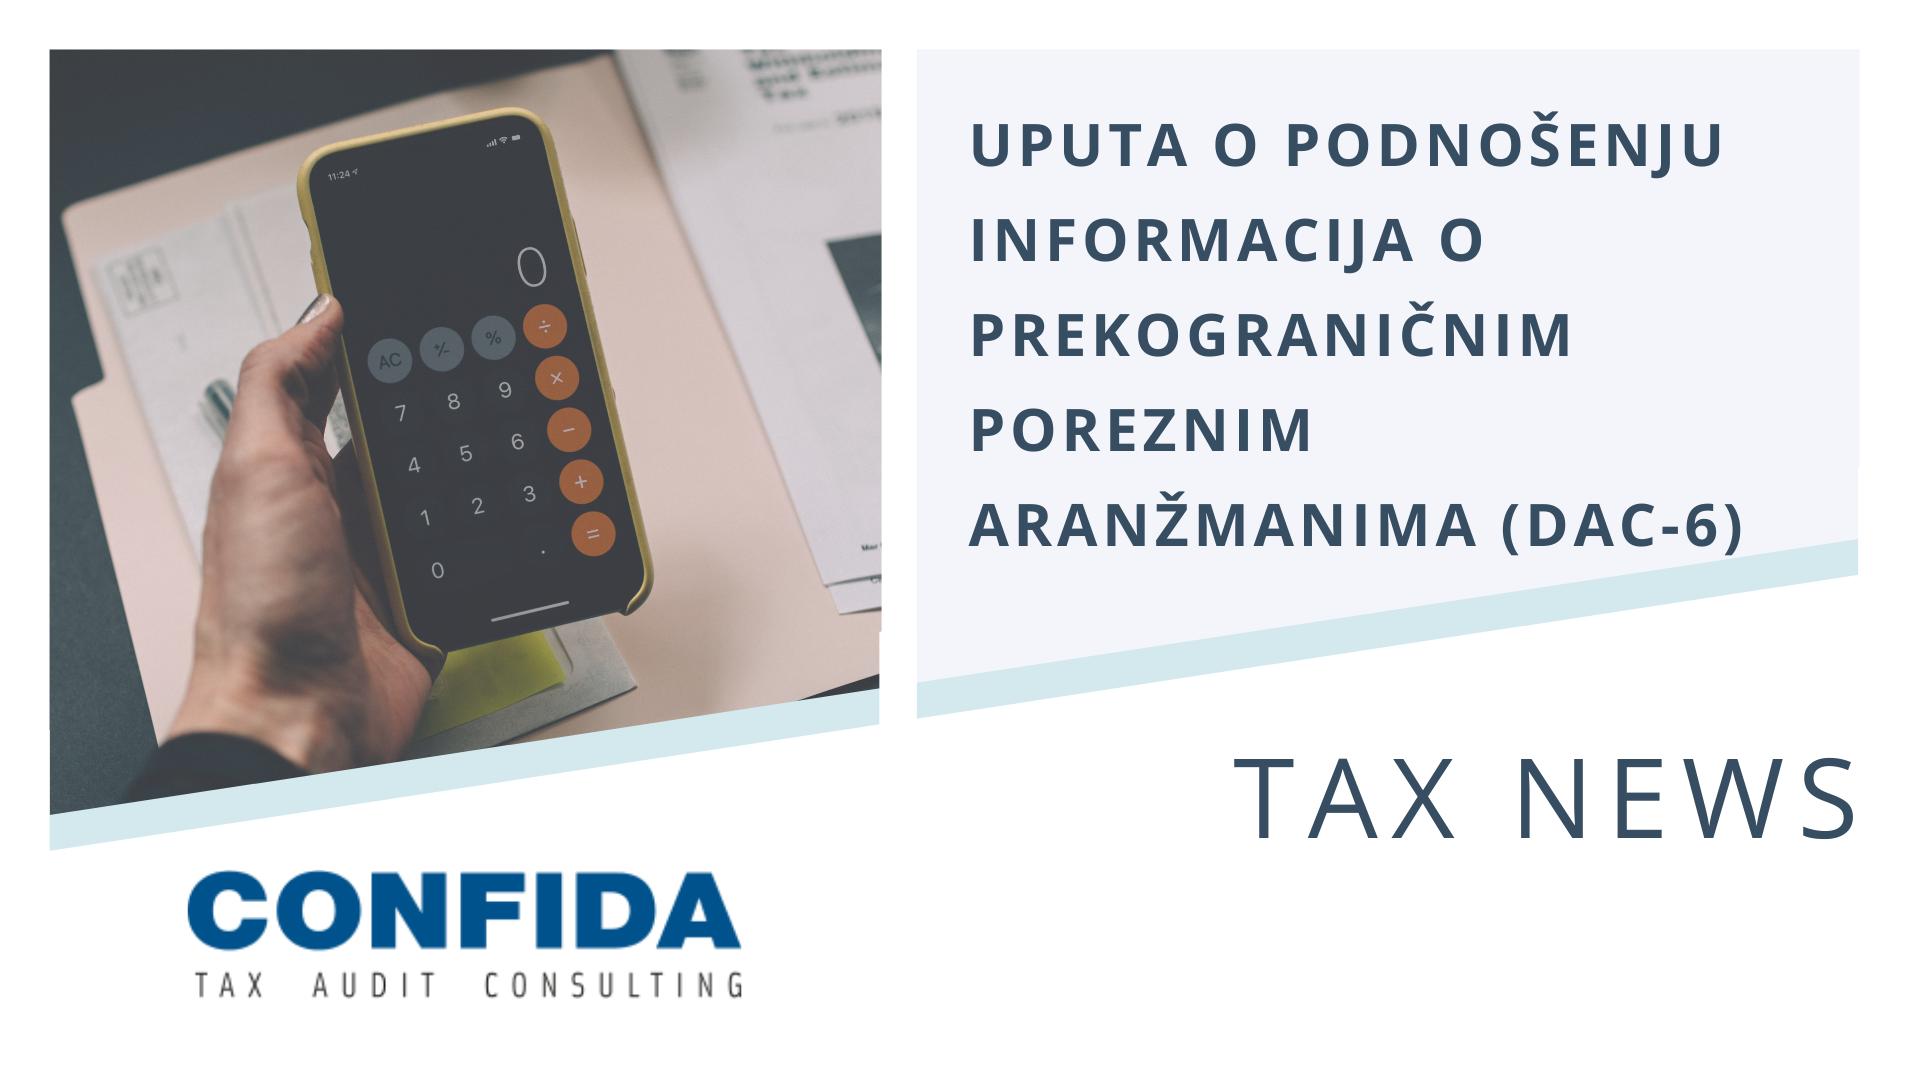 Temeljem usvajanja izmjena i dopuna Zakona o administrativnoj suradnji, Porezna uprava izdala je uputu o podnošenju informacija o prekograničnim poreznim aranžmanima (DAC-6).